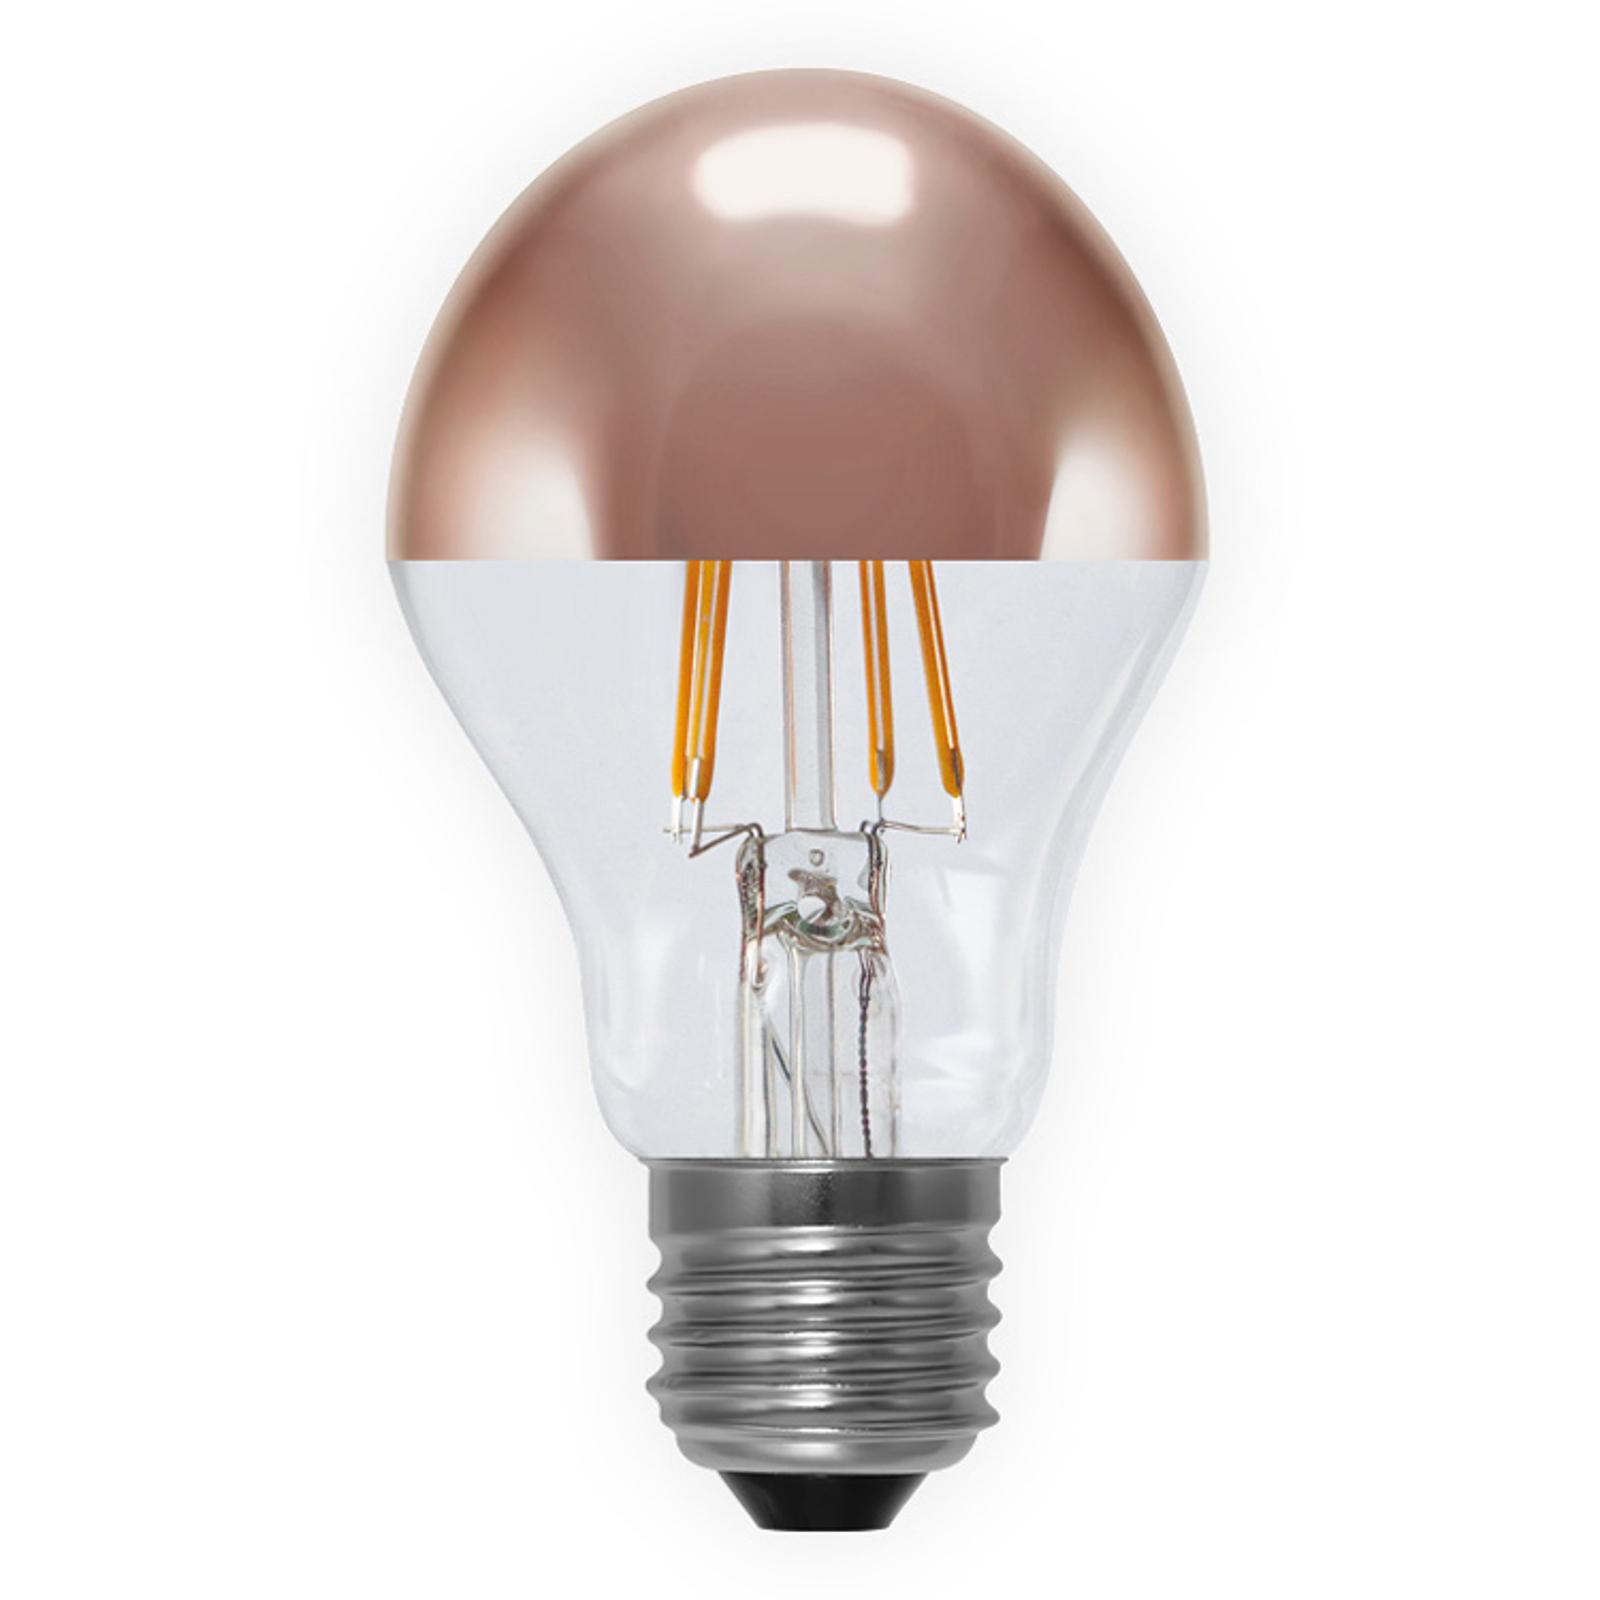 Lampadina a filamenti LED testa specchiata 926 E27